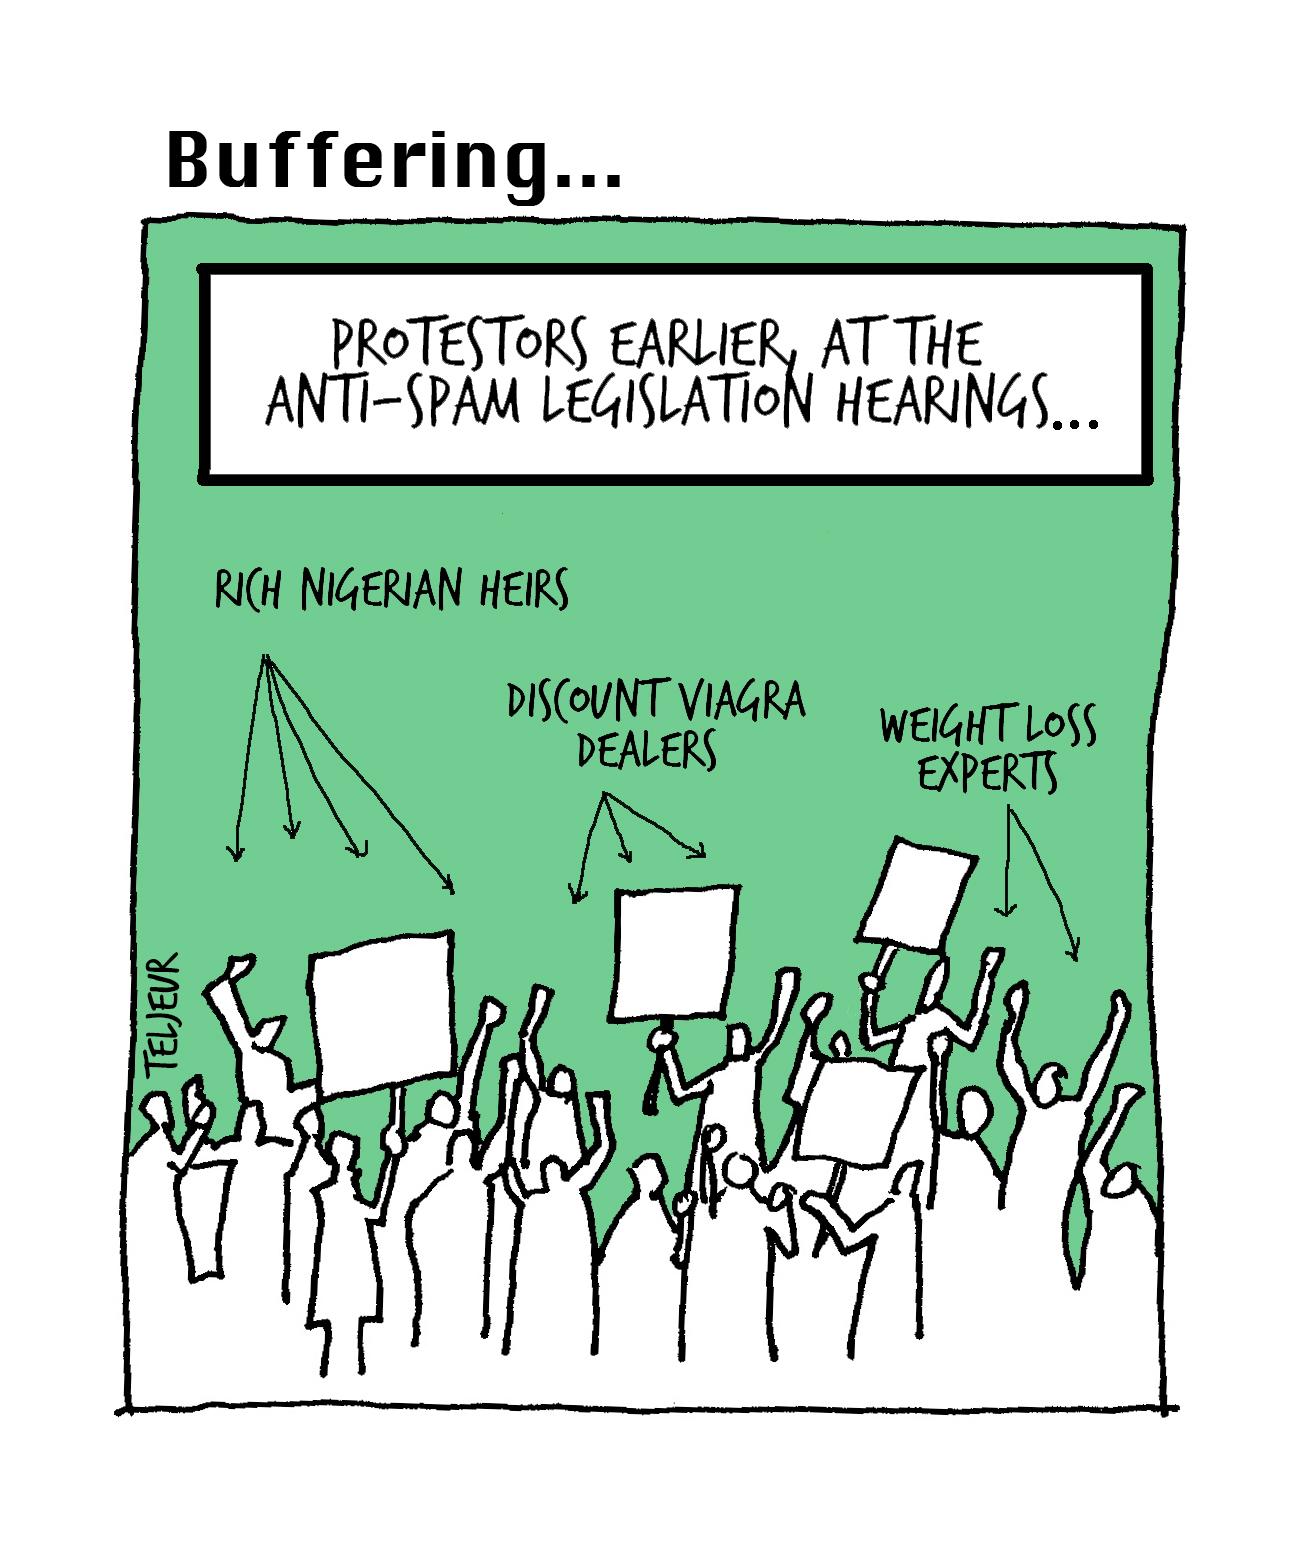 Buffering 4